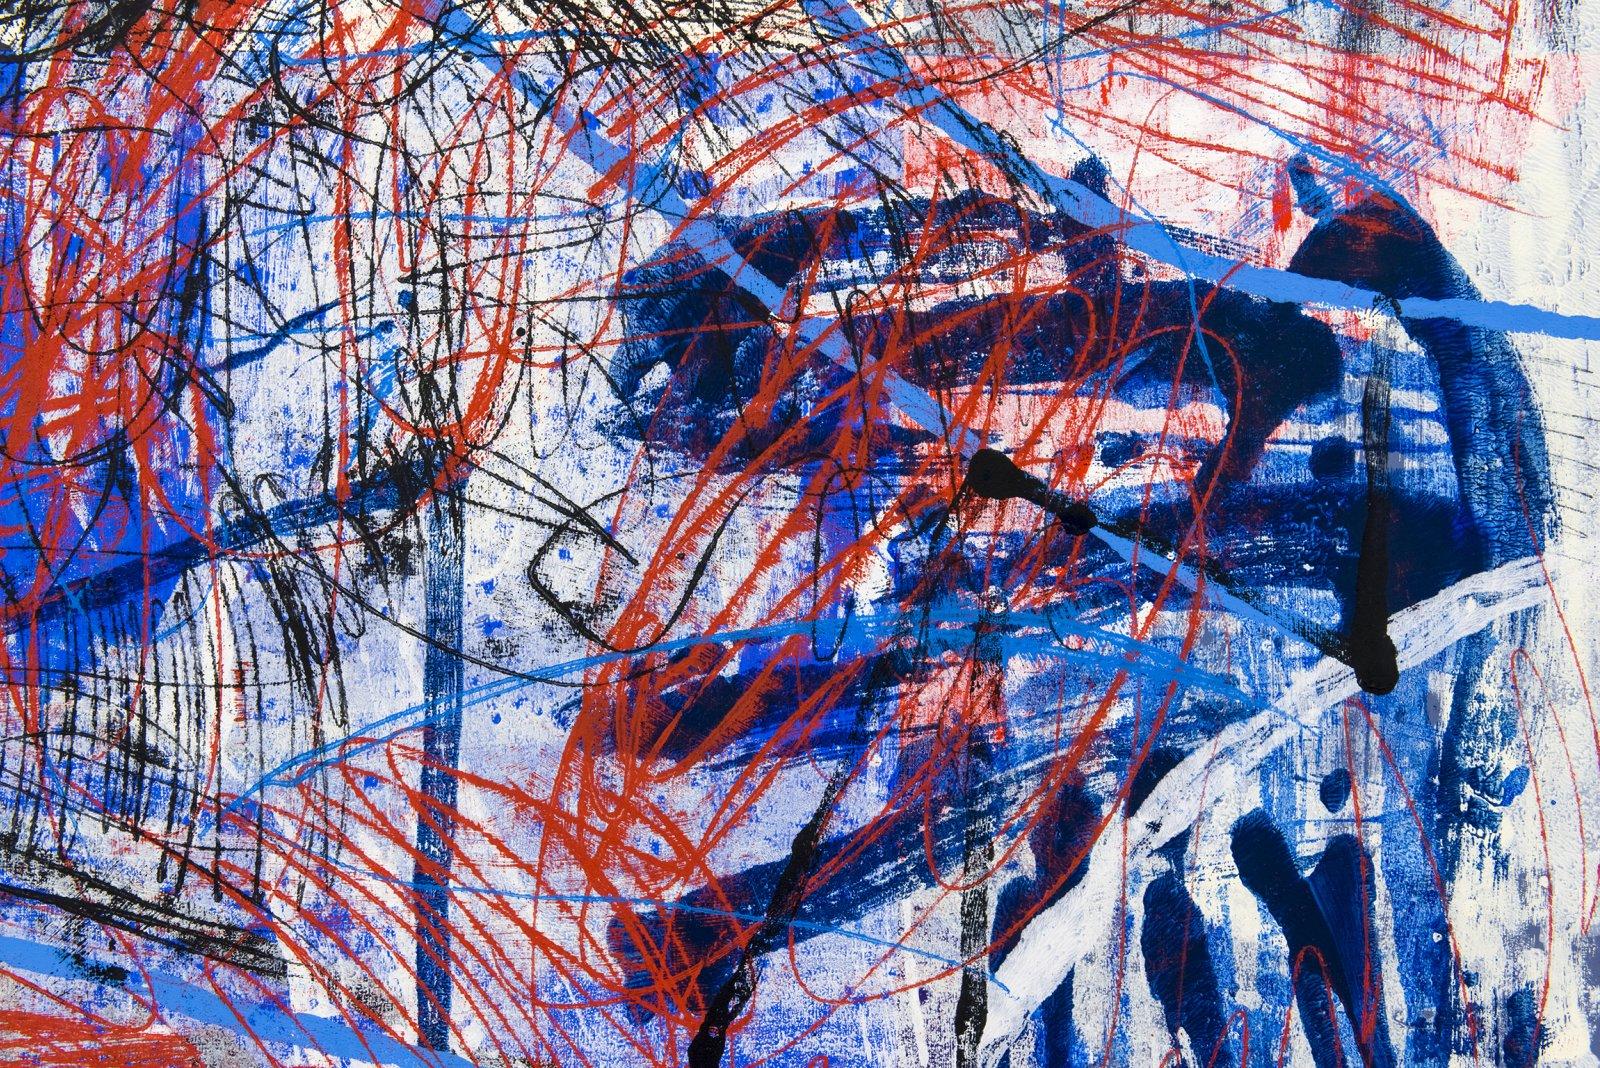 """Damian Moppett, Untitled """"Y"""" (detail), 2016, oil on canvas, 84 x 74 in. (213 x 188 cm) by Damian Moppett"""